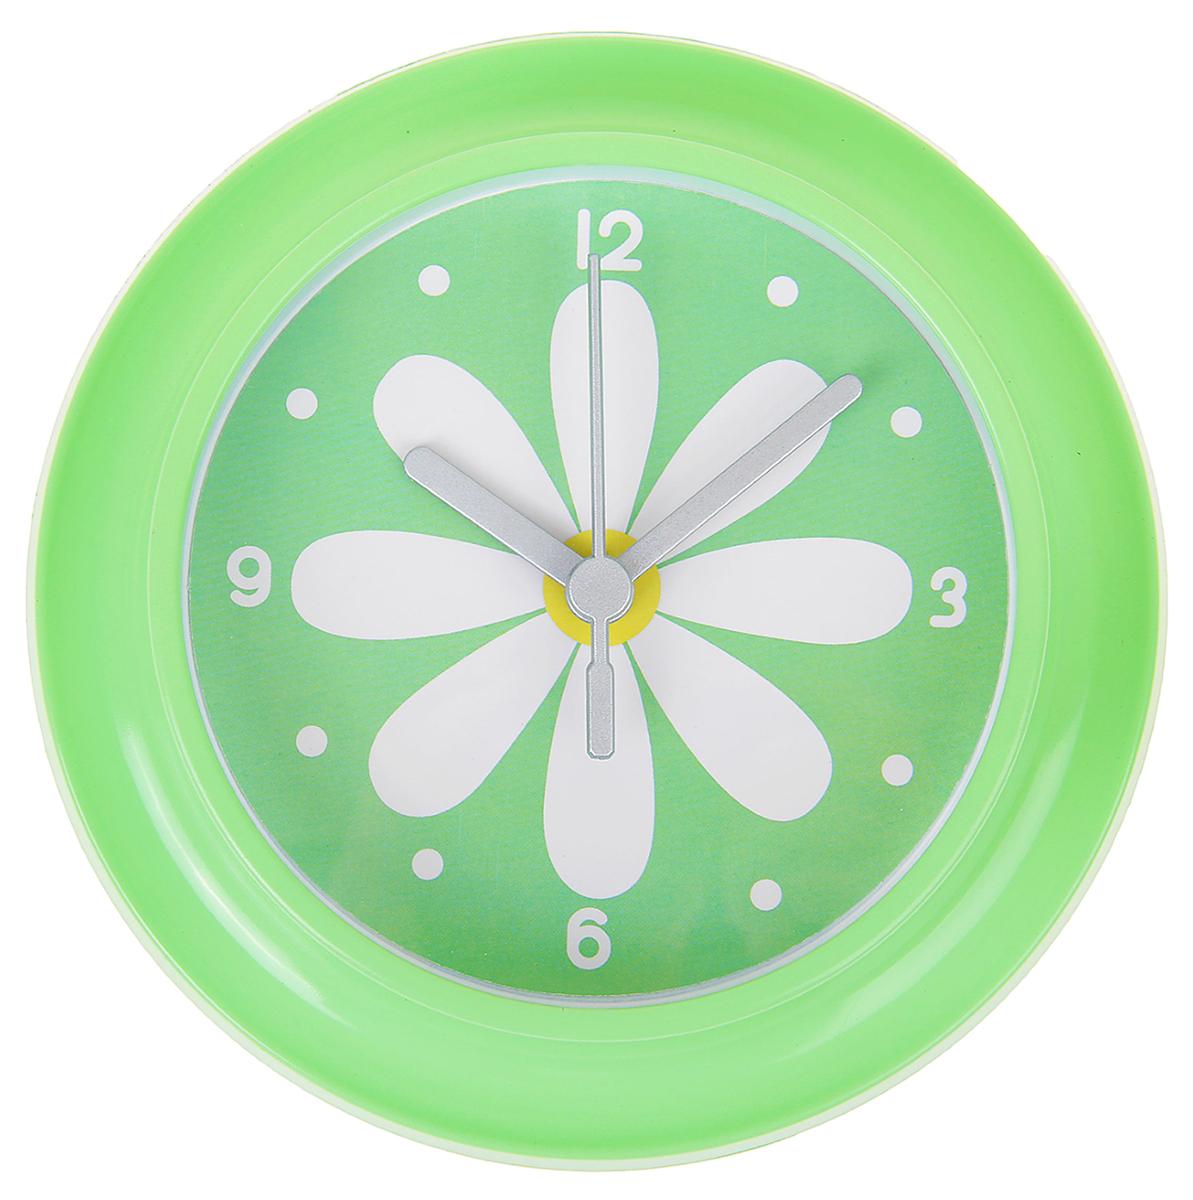 Часы настенные Ромашка, диаметр 18 см крючки настенные мультидом планка 5 крючками ромашка